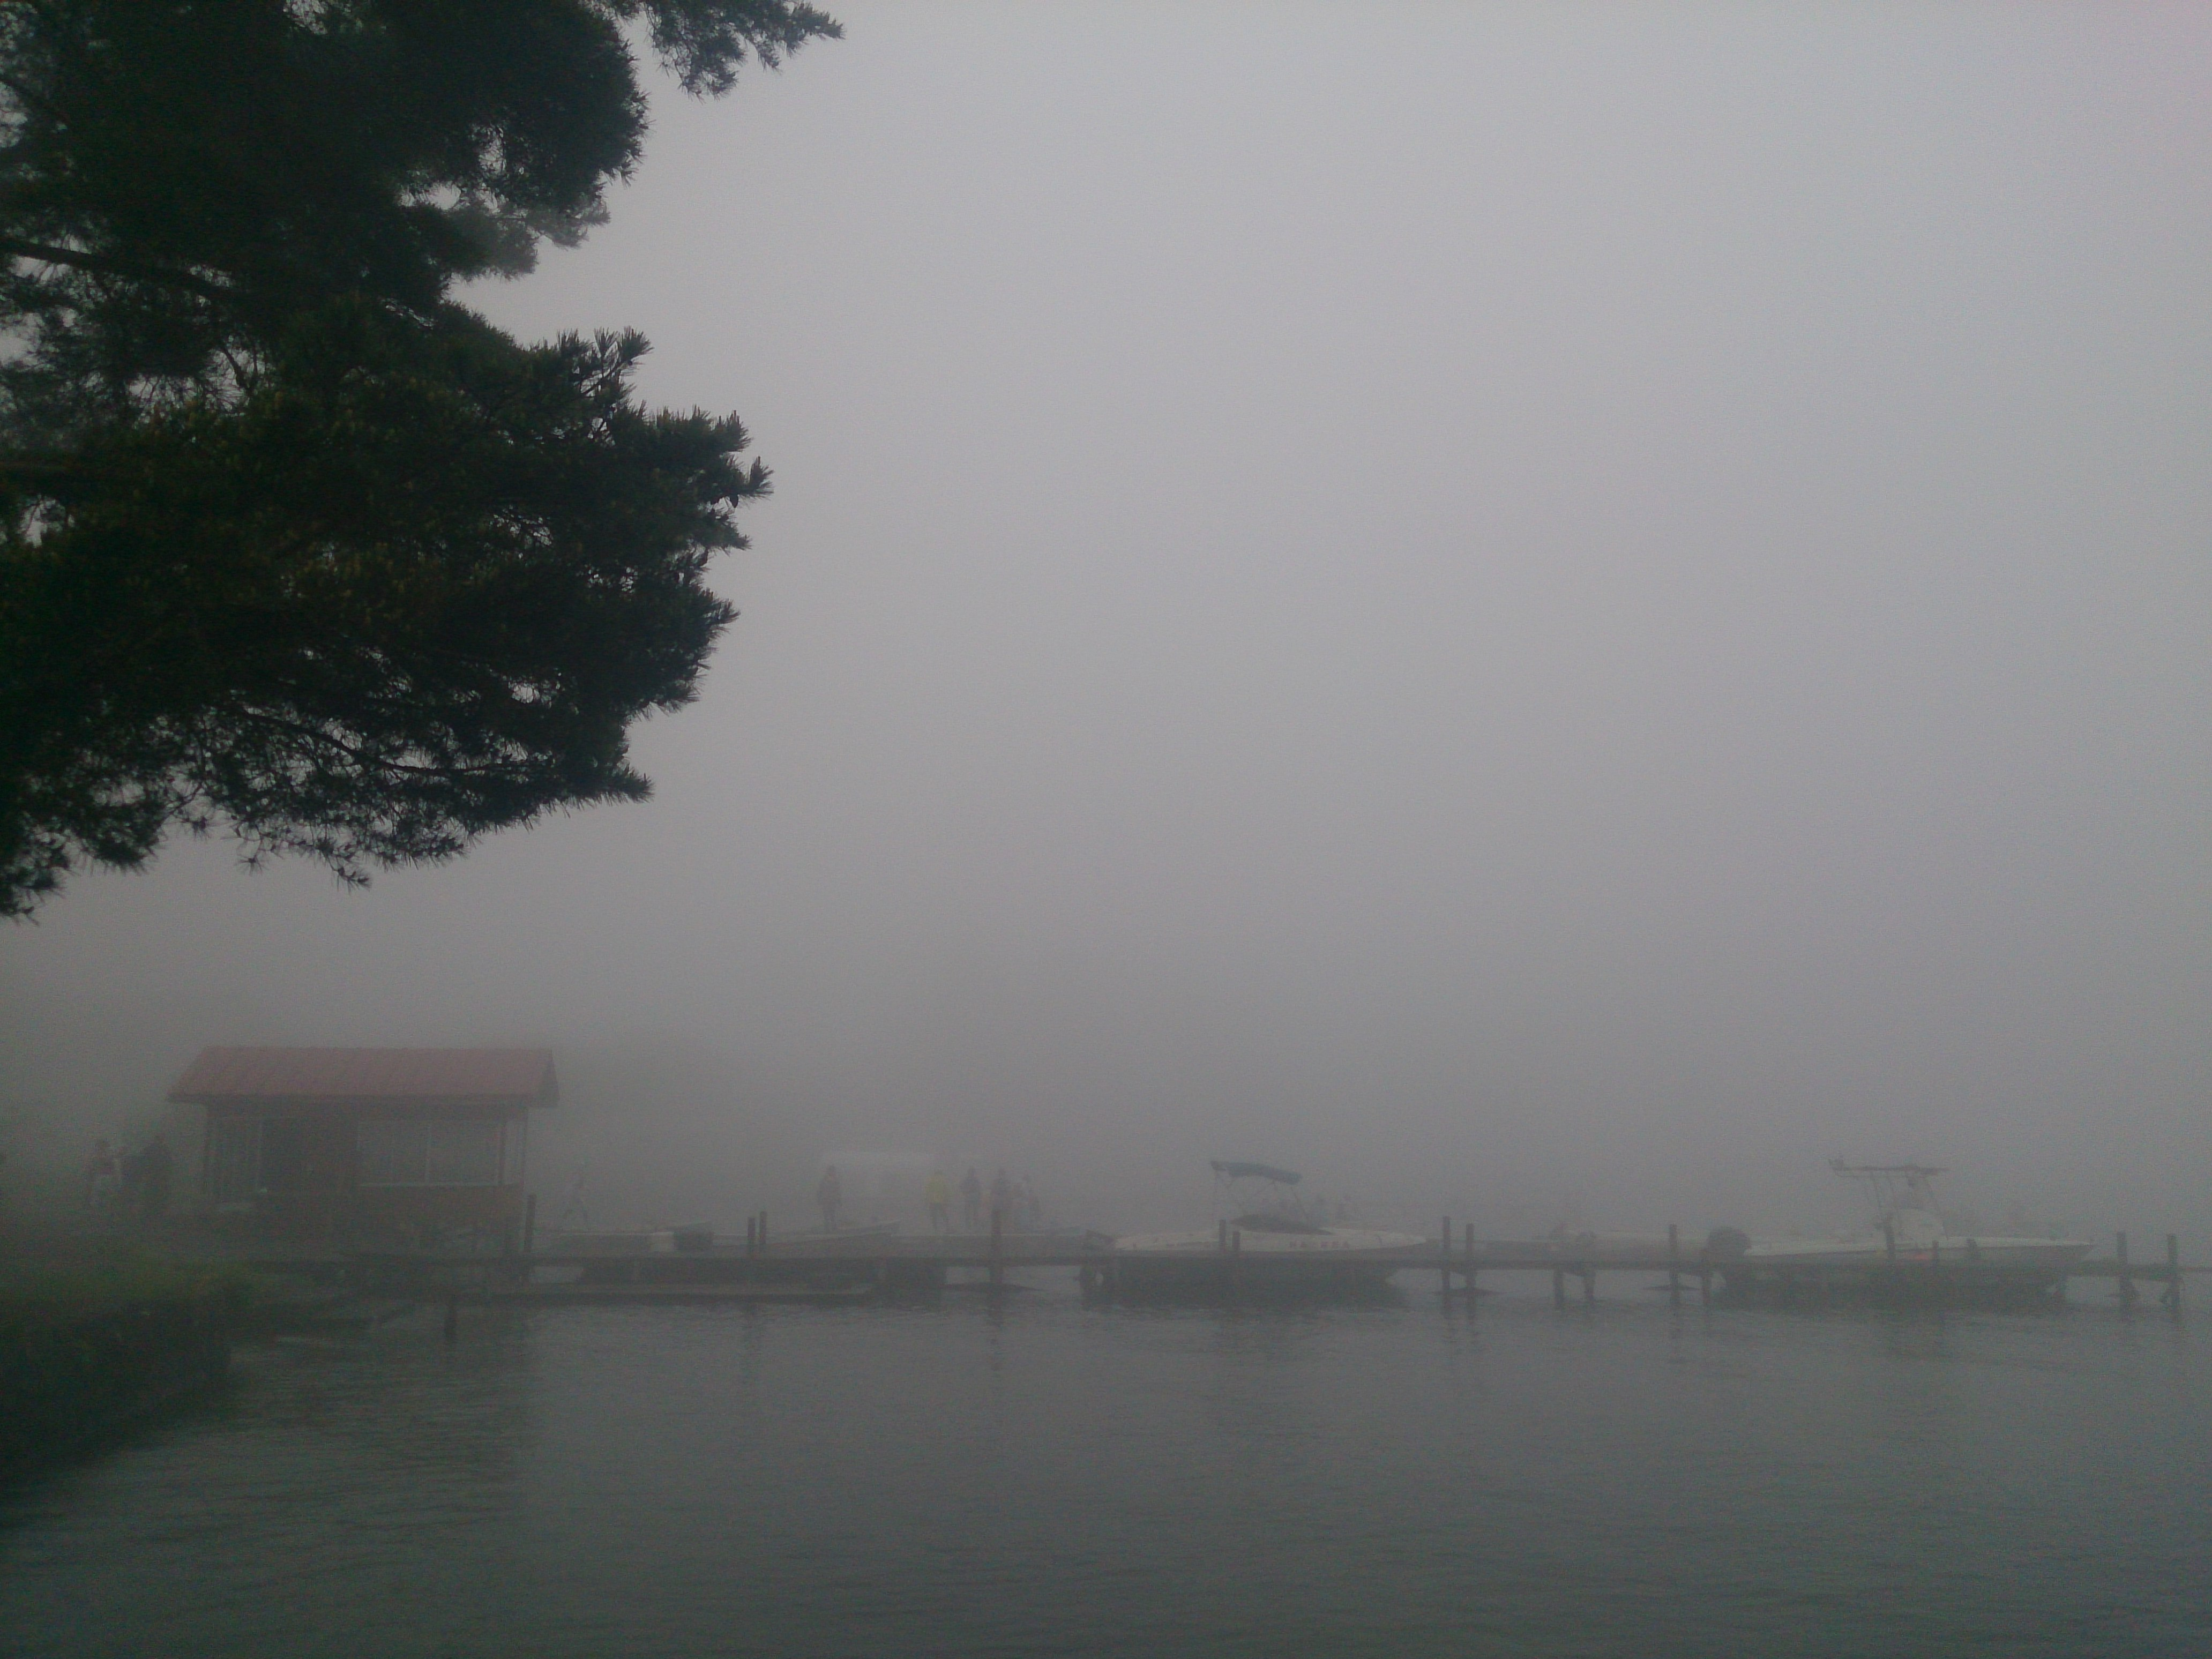 20150516 隣の桟橋(霧が深い)